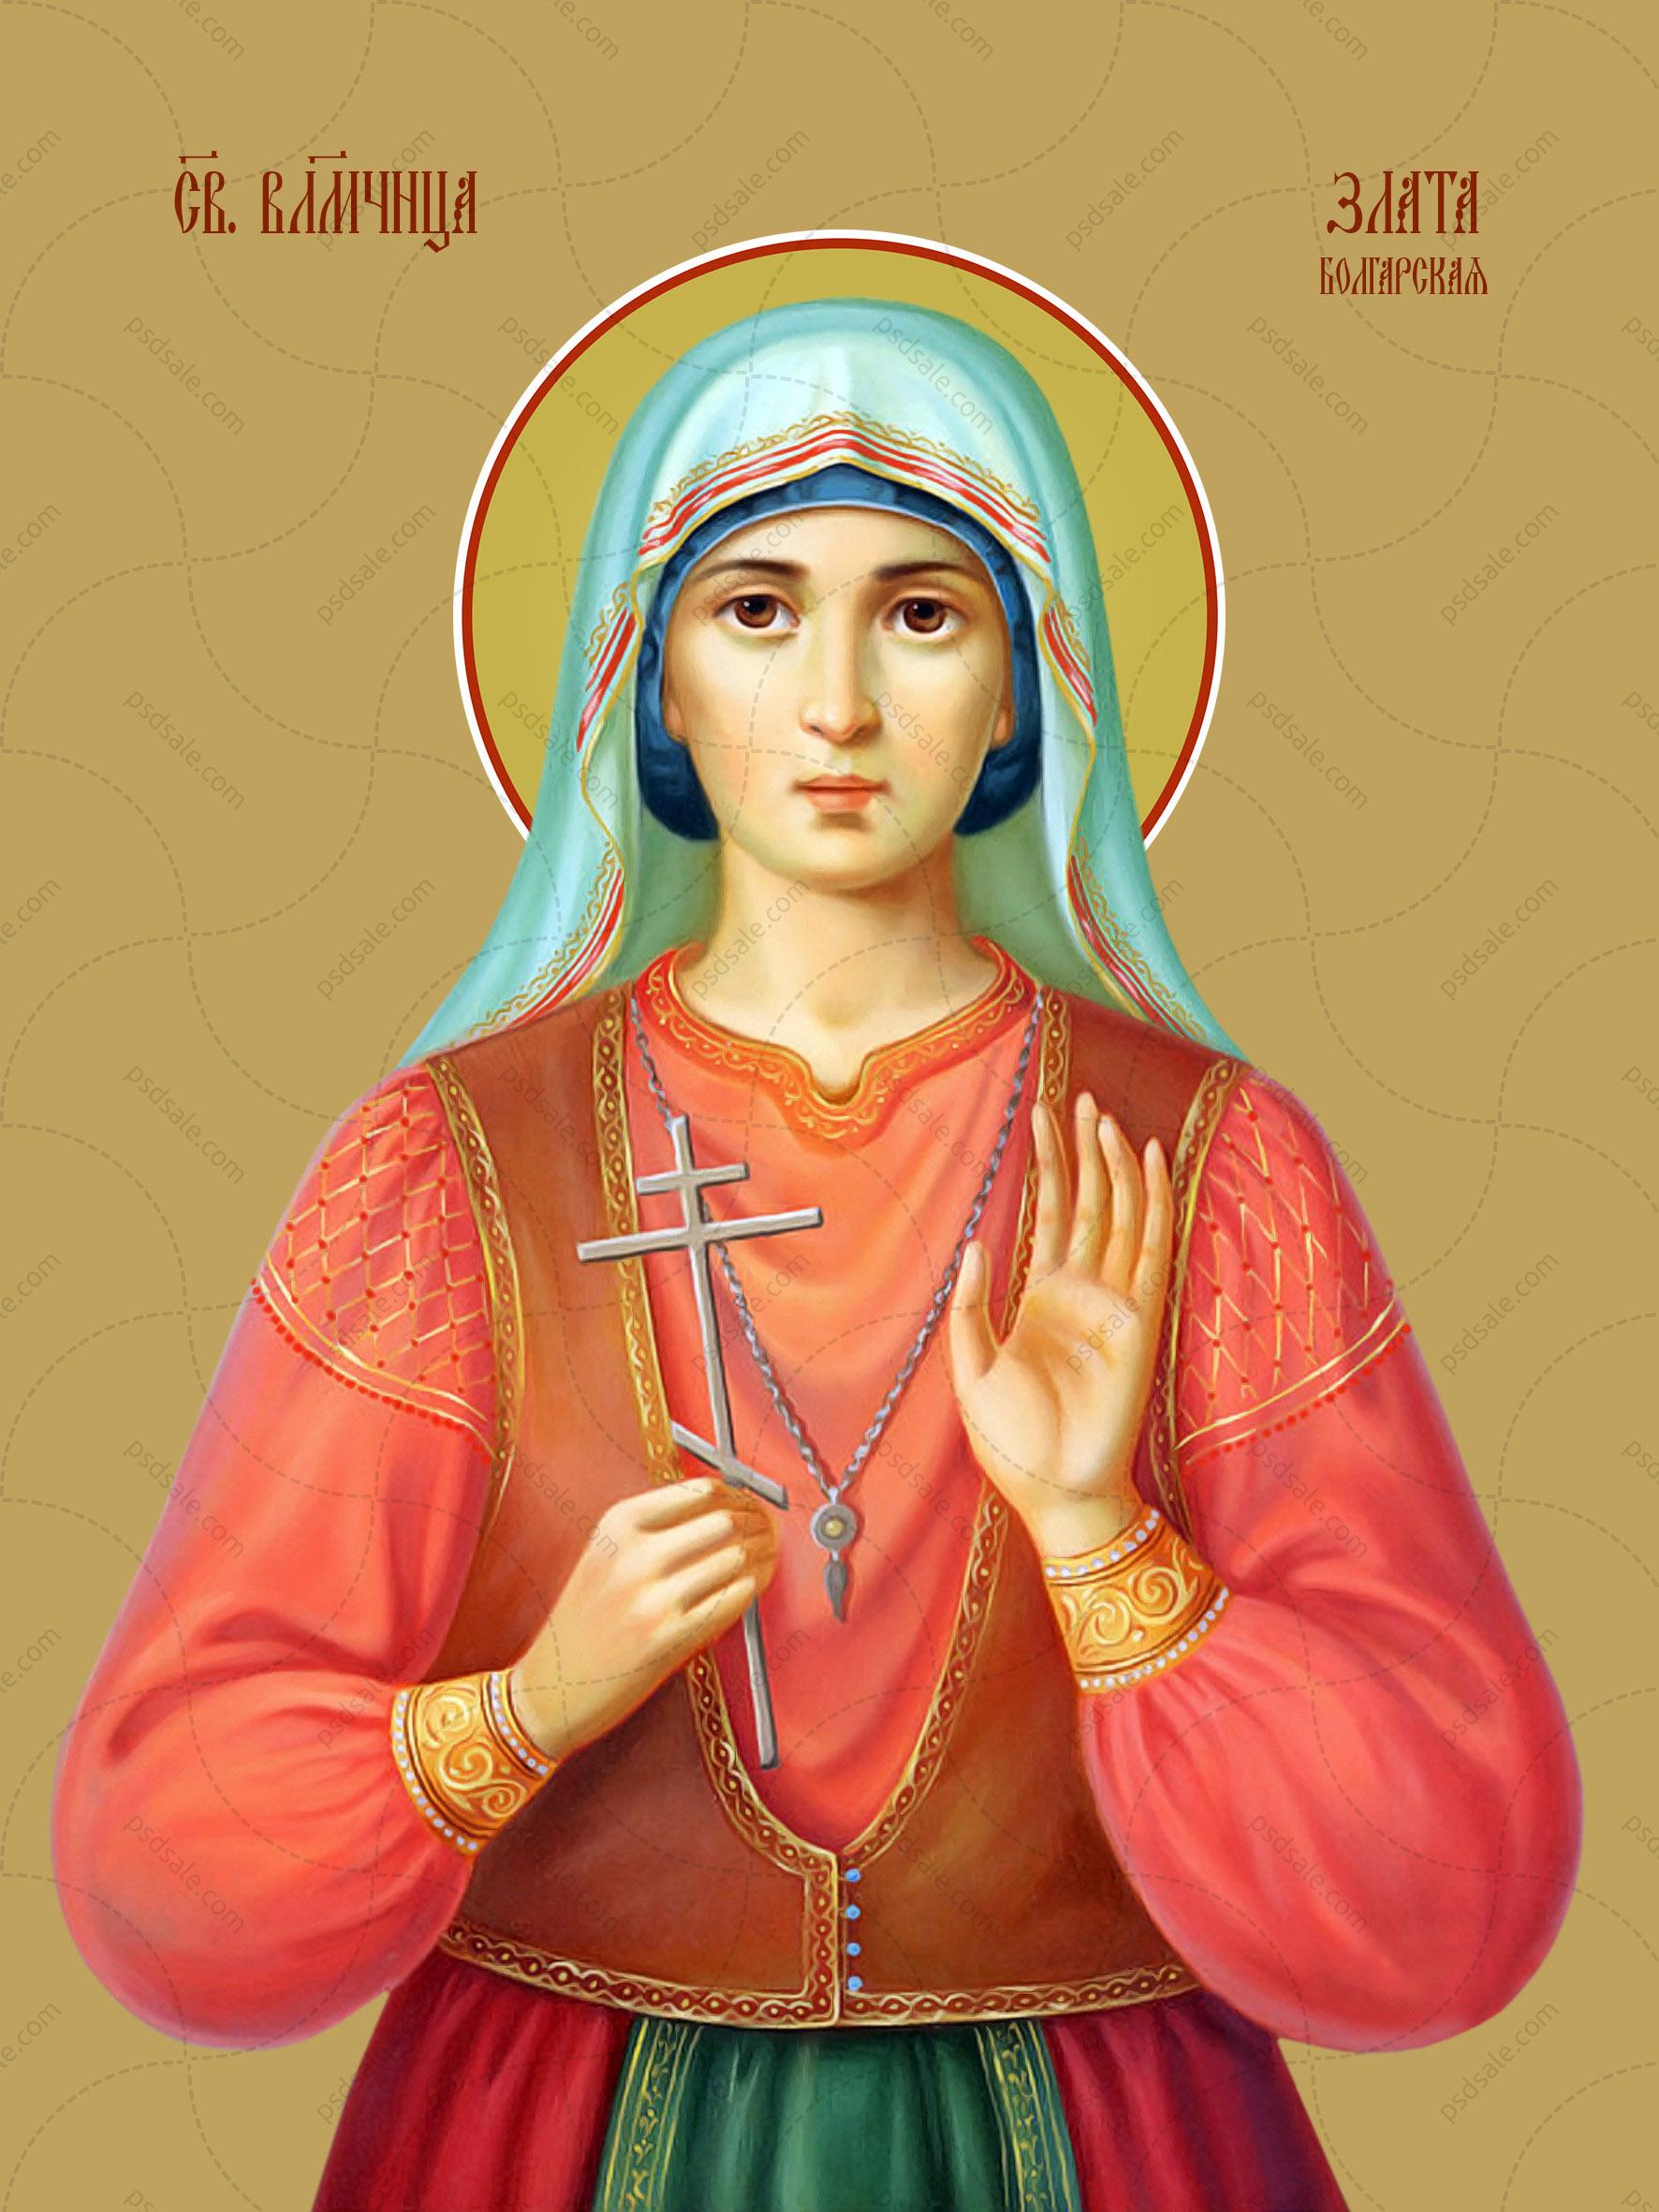 Злата Могленская, святая